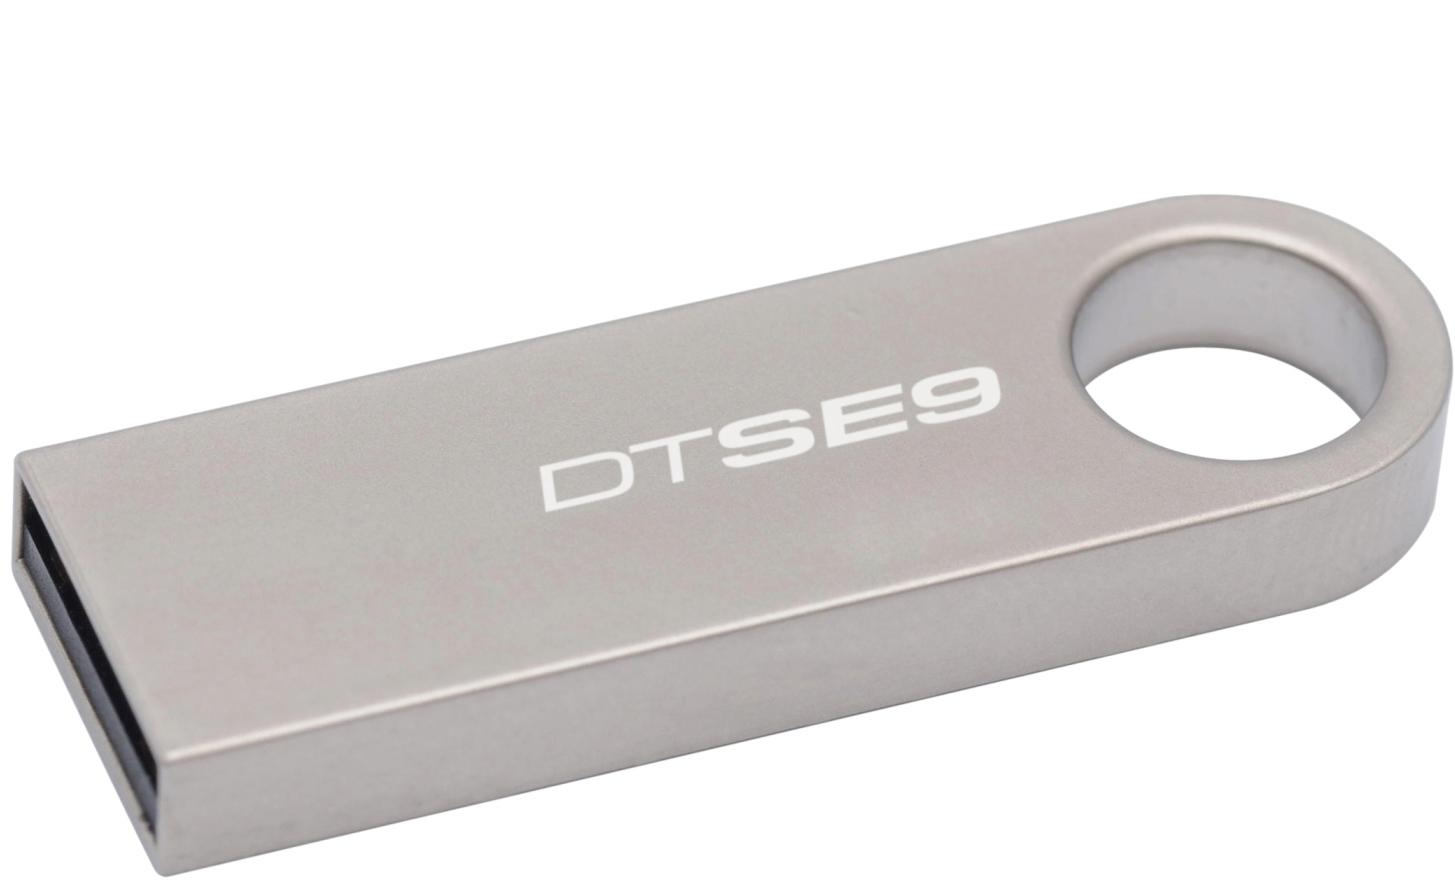 Купить Флешка USB Kingston DTSE9 16ГБ (DTSE9H/16GB)